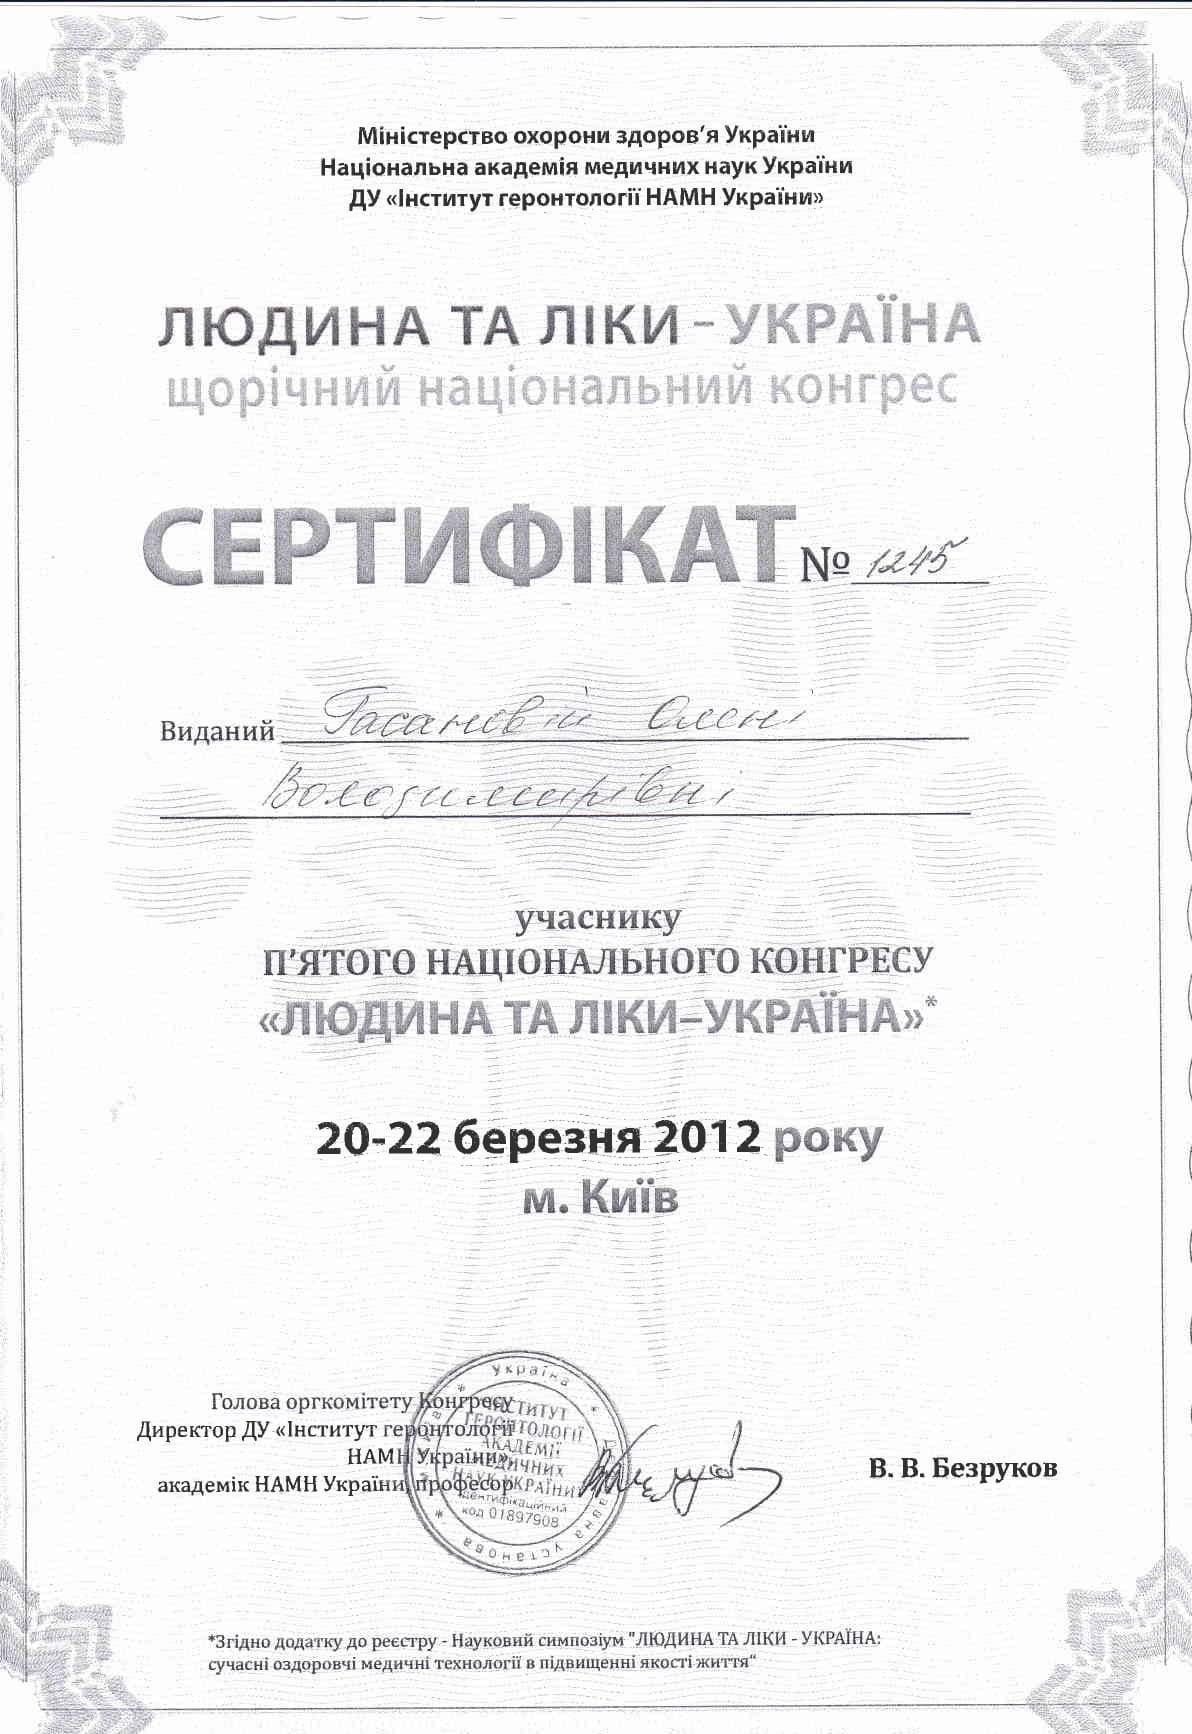 Сертификат об участии в 5-м Национальном конгрессе